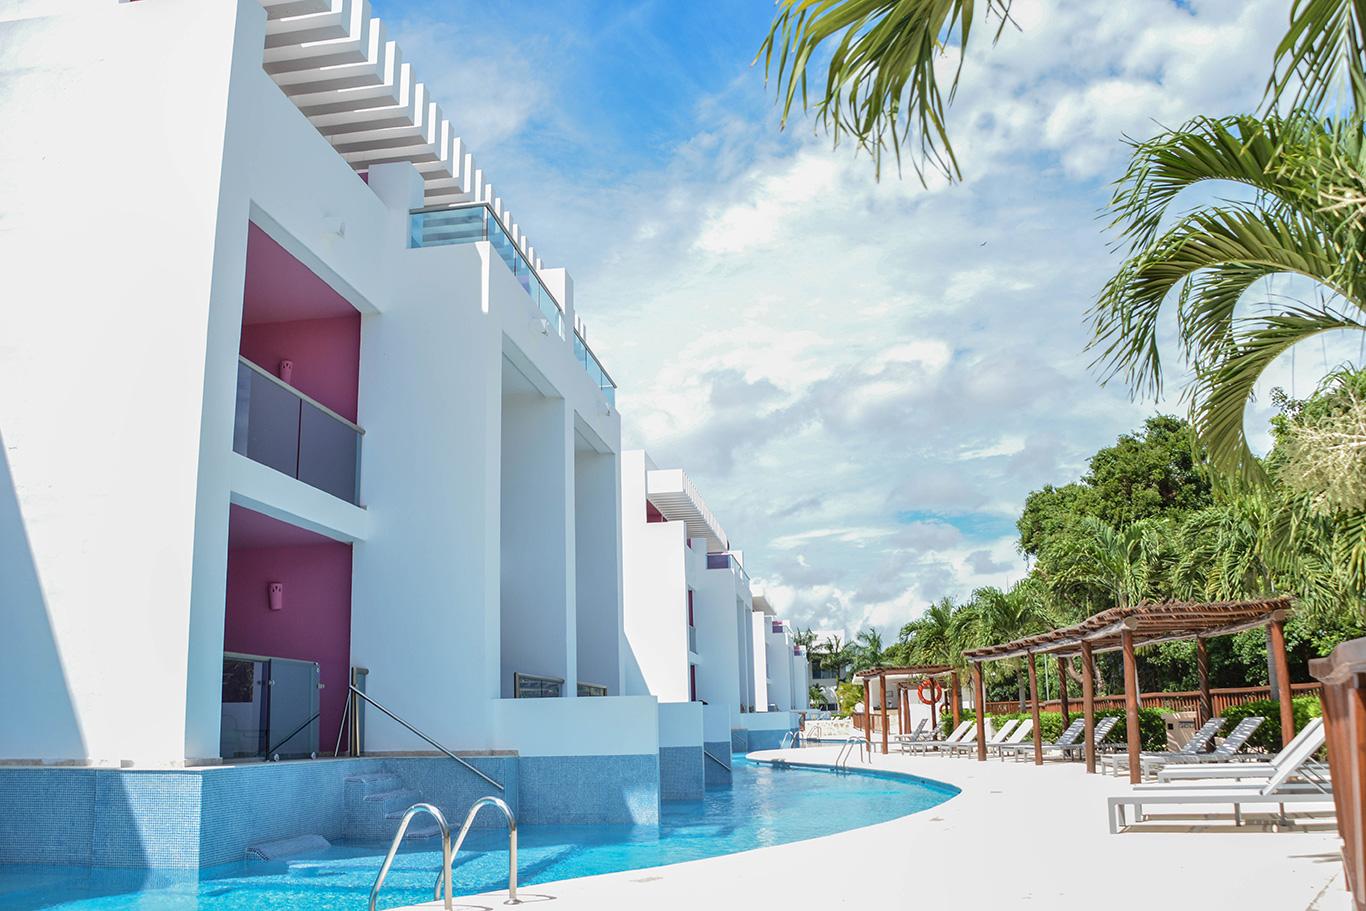 Family Club At Grand Riviera Princess Riviera Maya